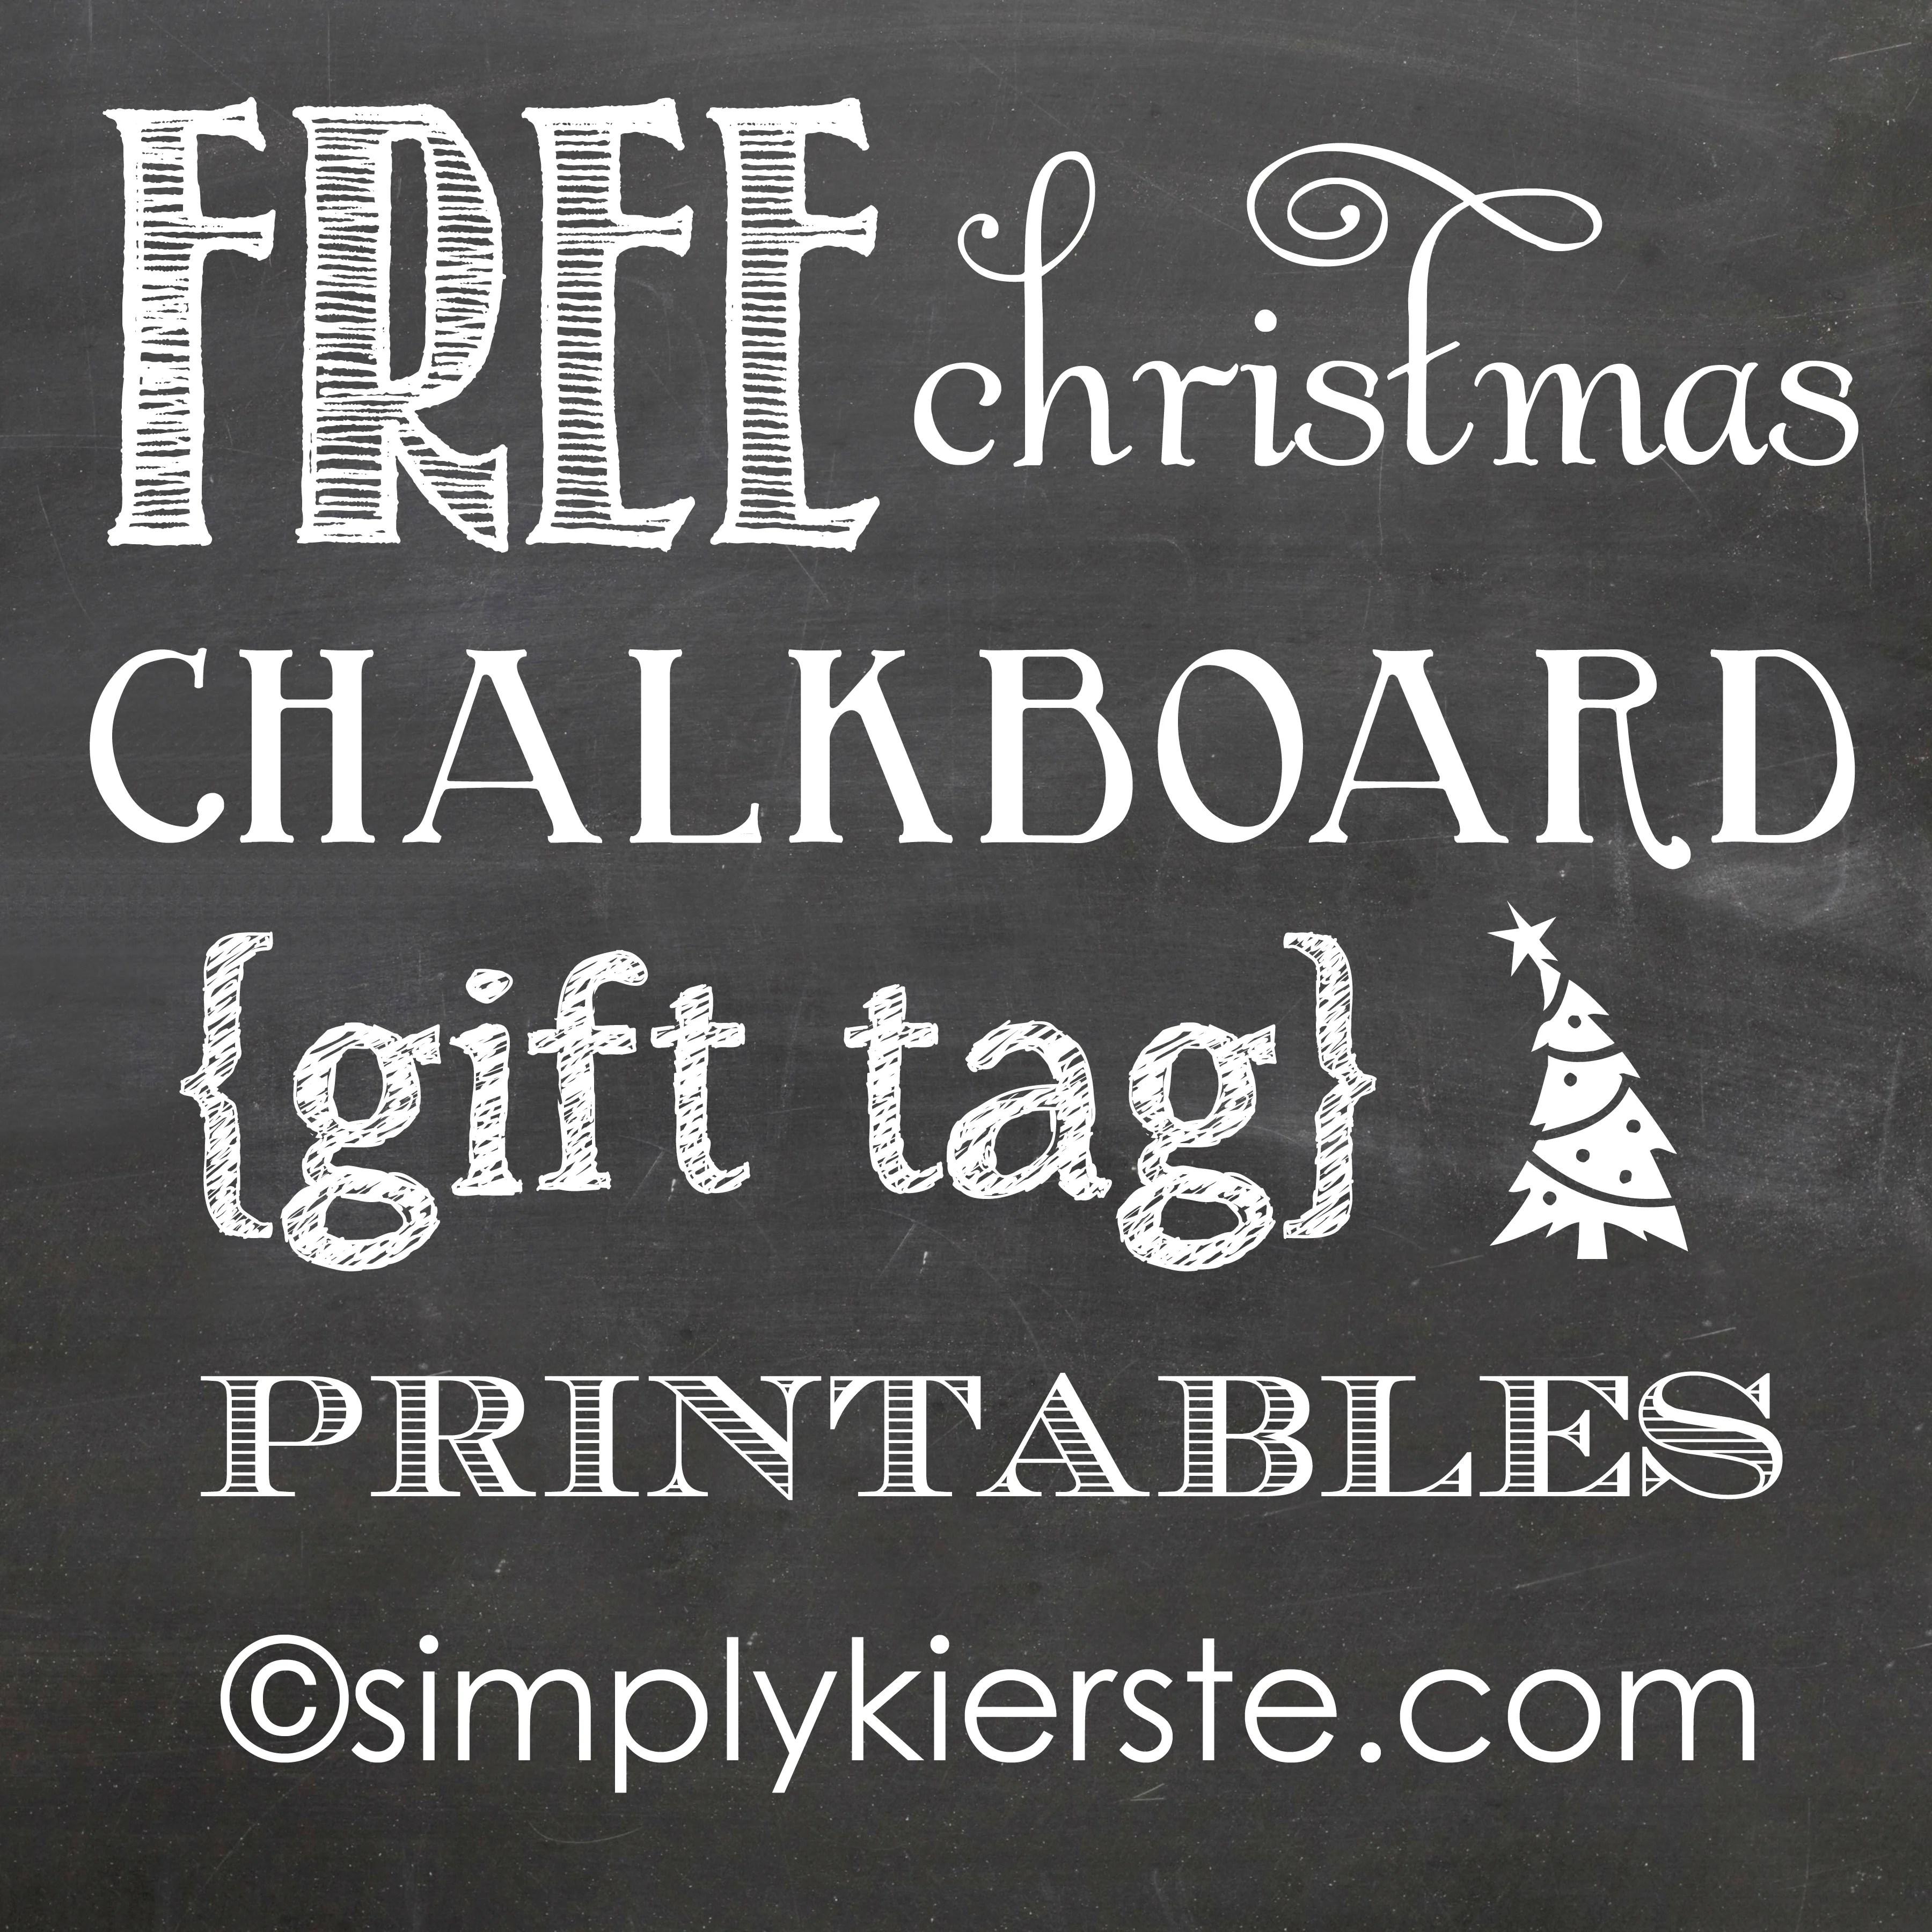 Printable christmas chalkboard gift tags designs